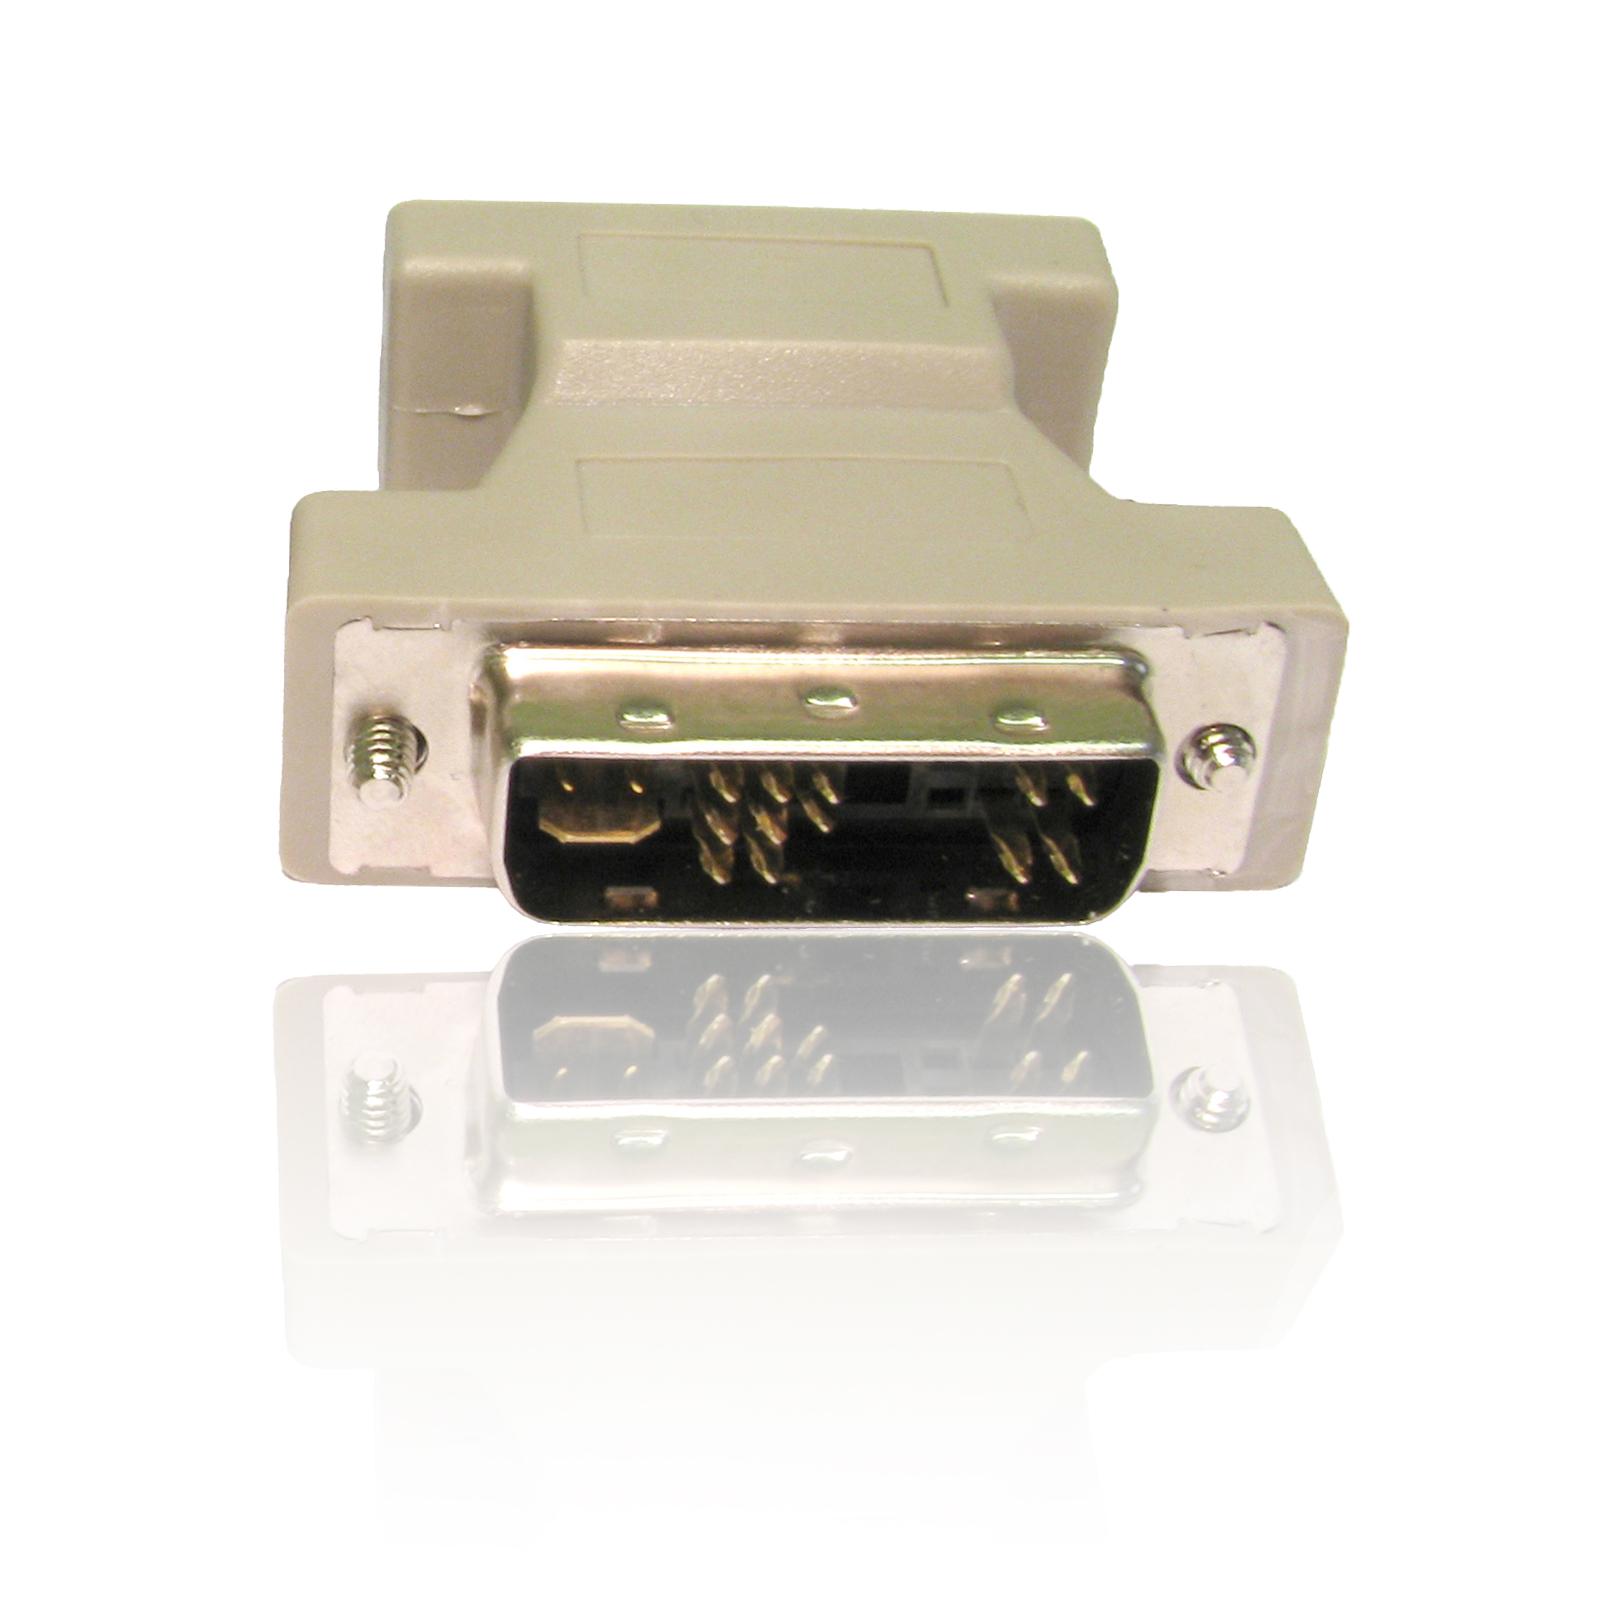 Dvi To Svga Vga Pc Computer Monitor Tft Screen Cable Lead